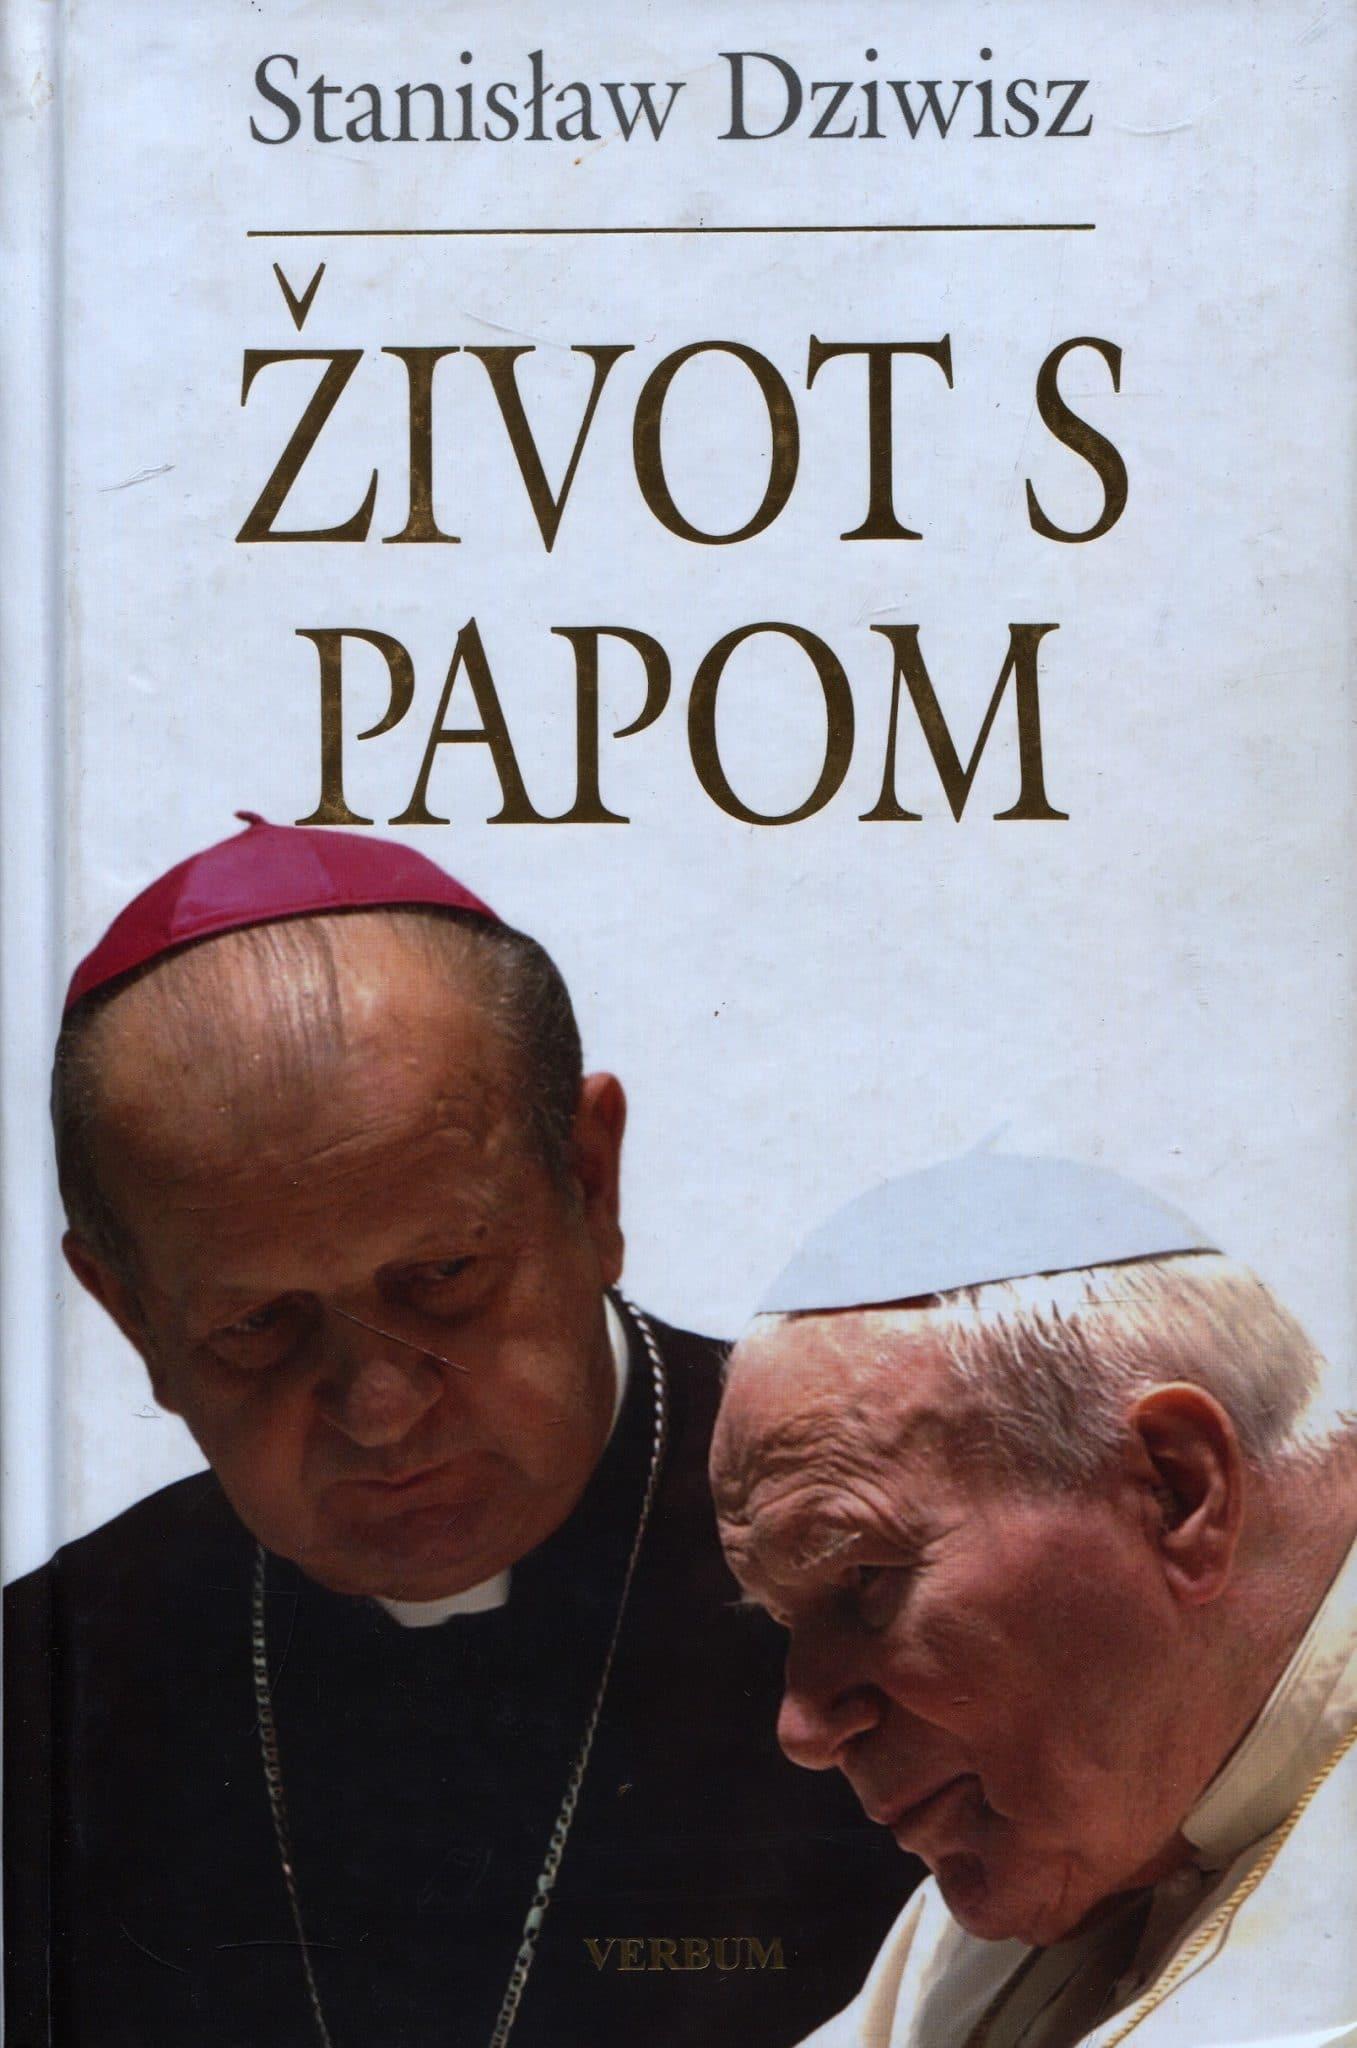 Stanislaw Dziwisz - Život s papom